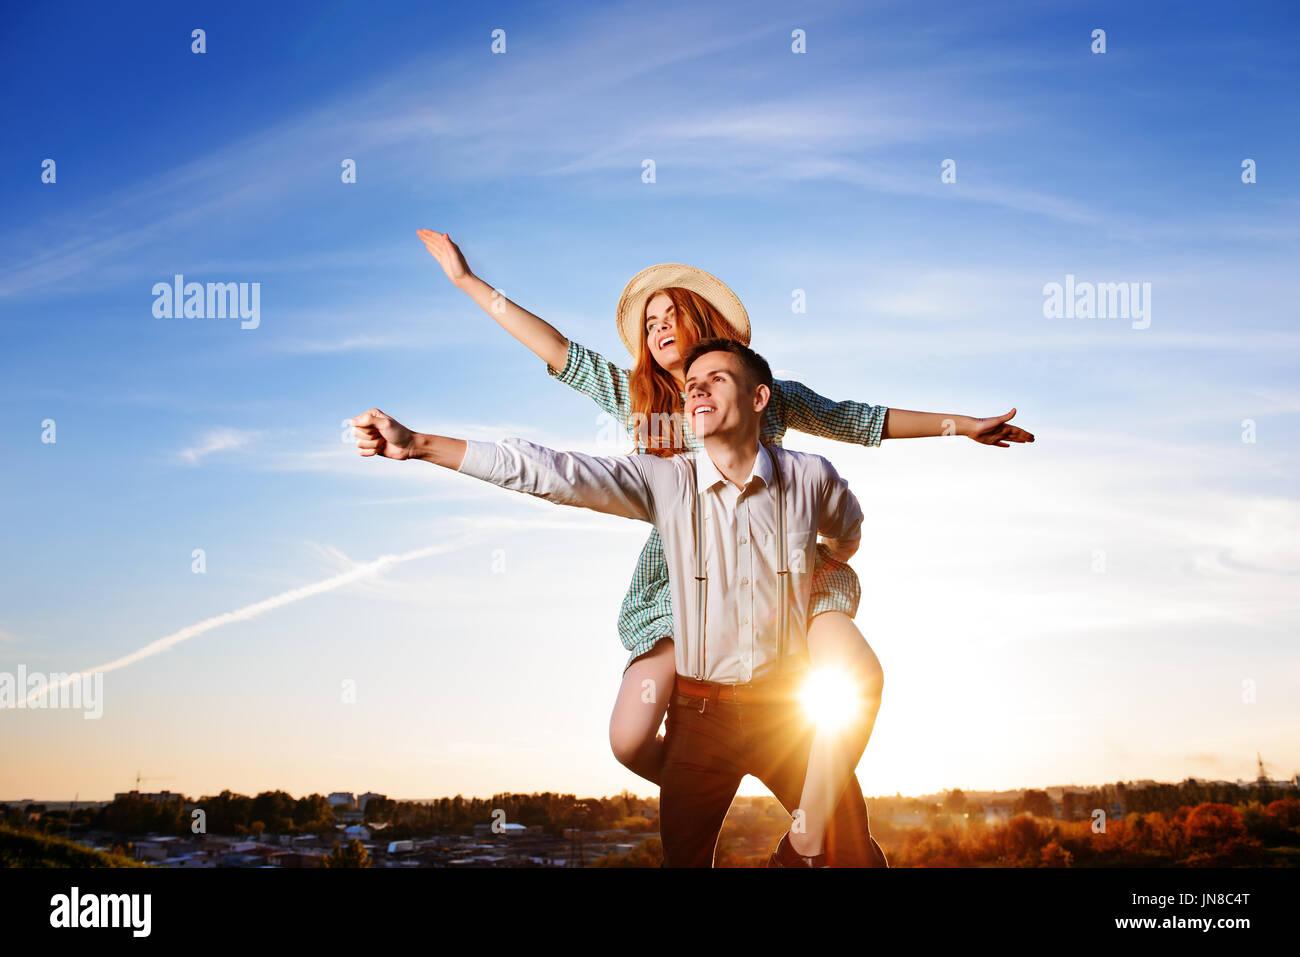 Junger Kerl Huckepack fröhlich Freundin wie Flugzeug auf dem Hintergrund des Himmels. Stockbild